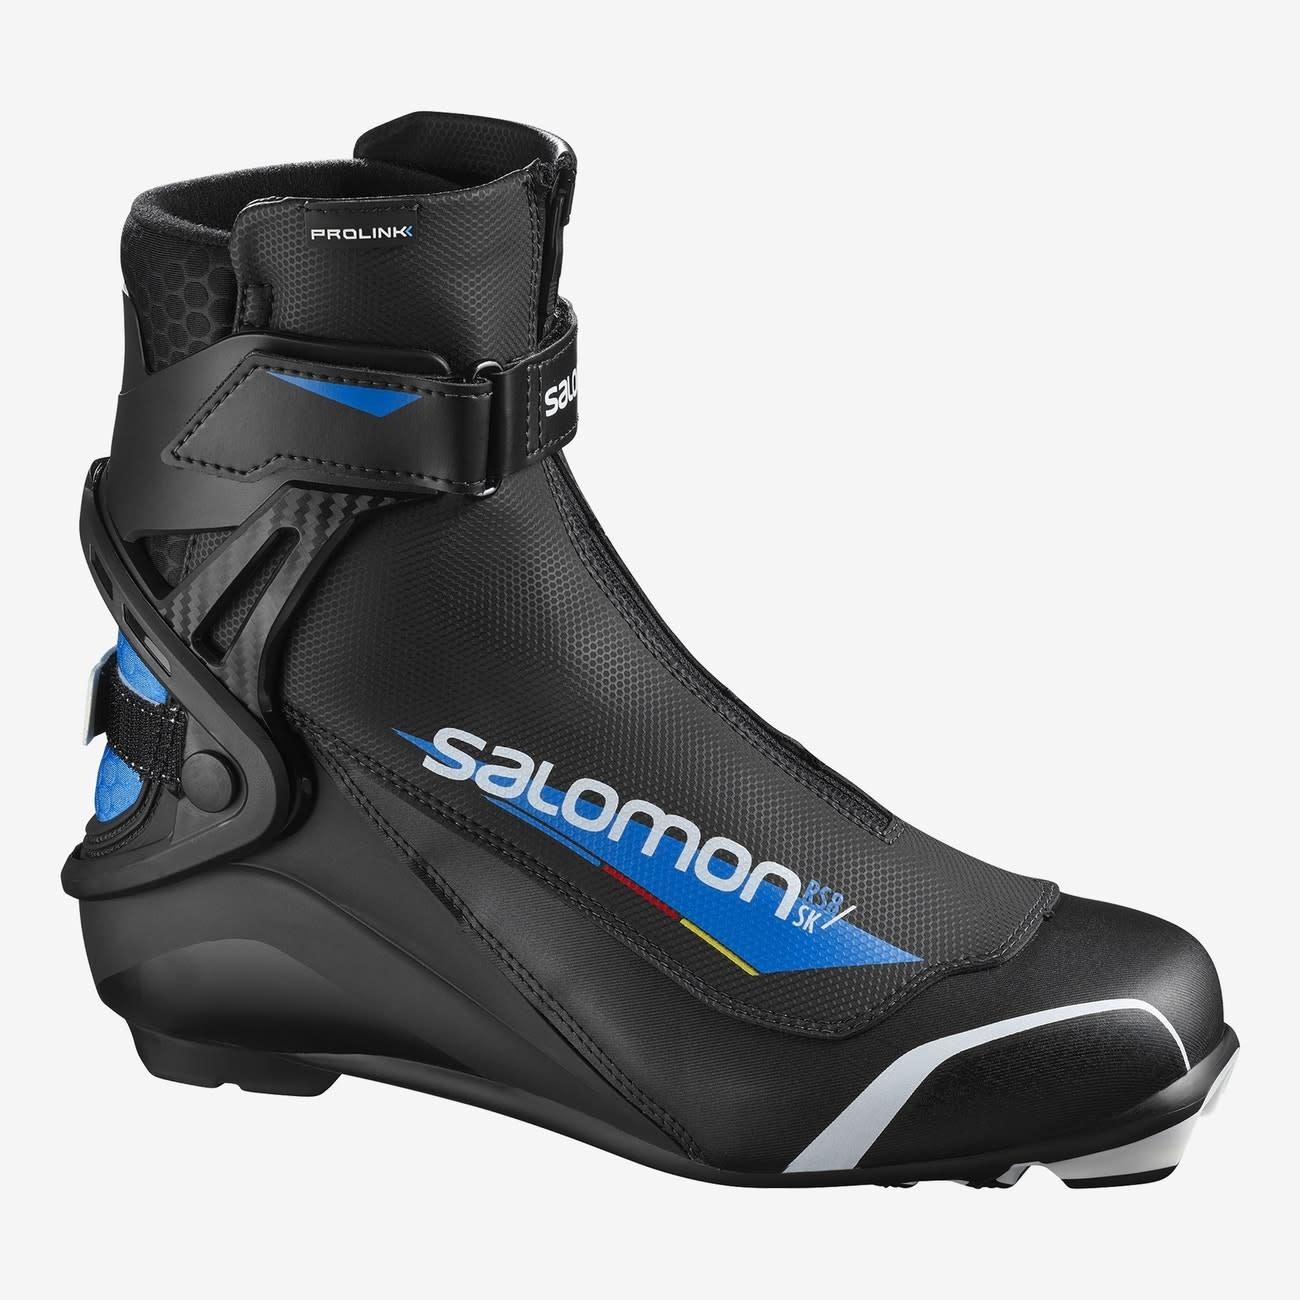 Botte Salomon RS 8 Skate Prolink 2022